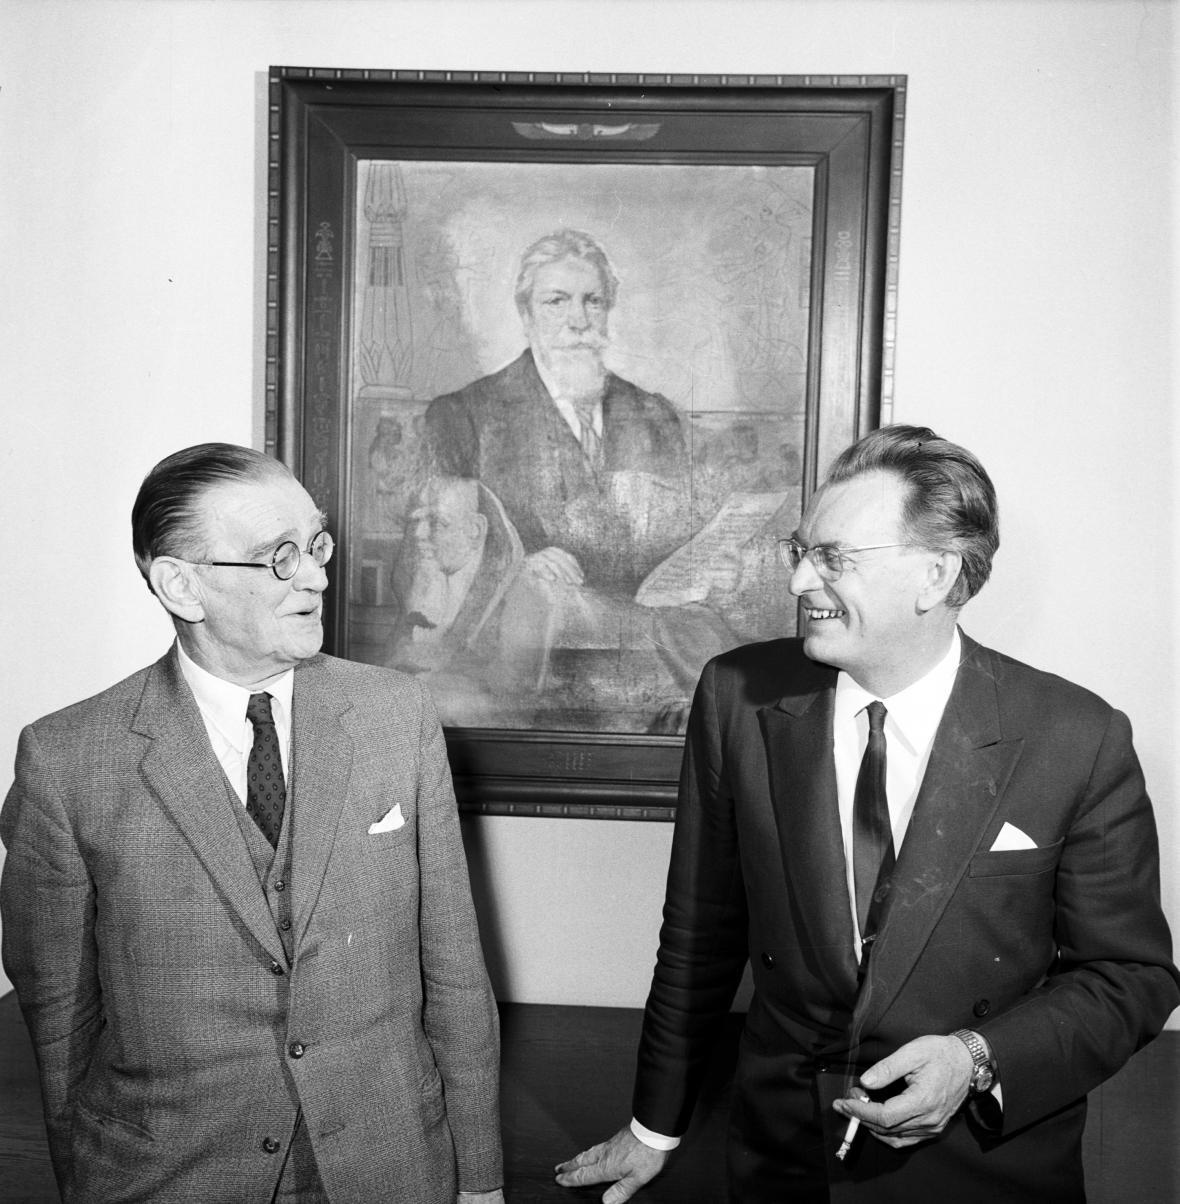 První žáci a pokračovatelé prof. Lexy, Jaroslav Černý a Zbyněk Žába, před portrétem svého učitele